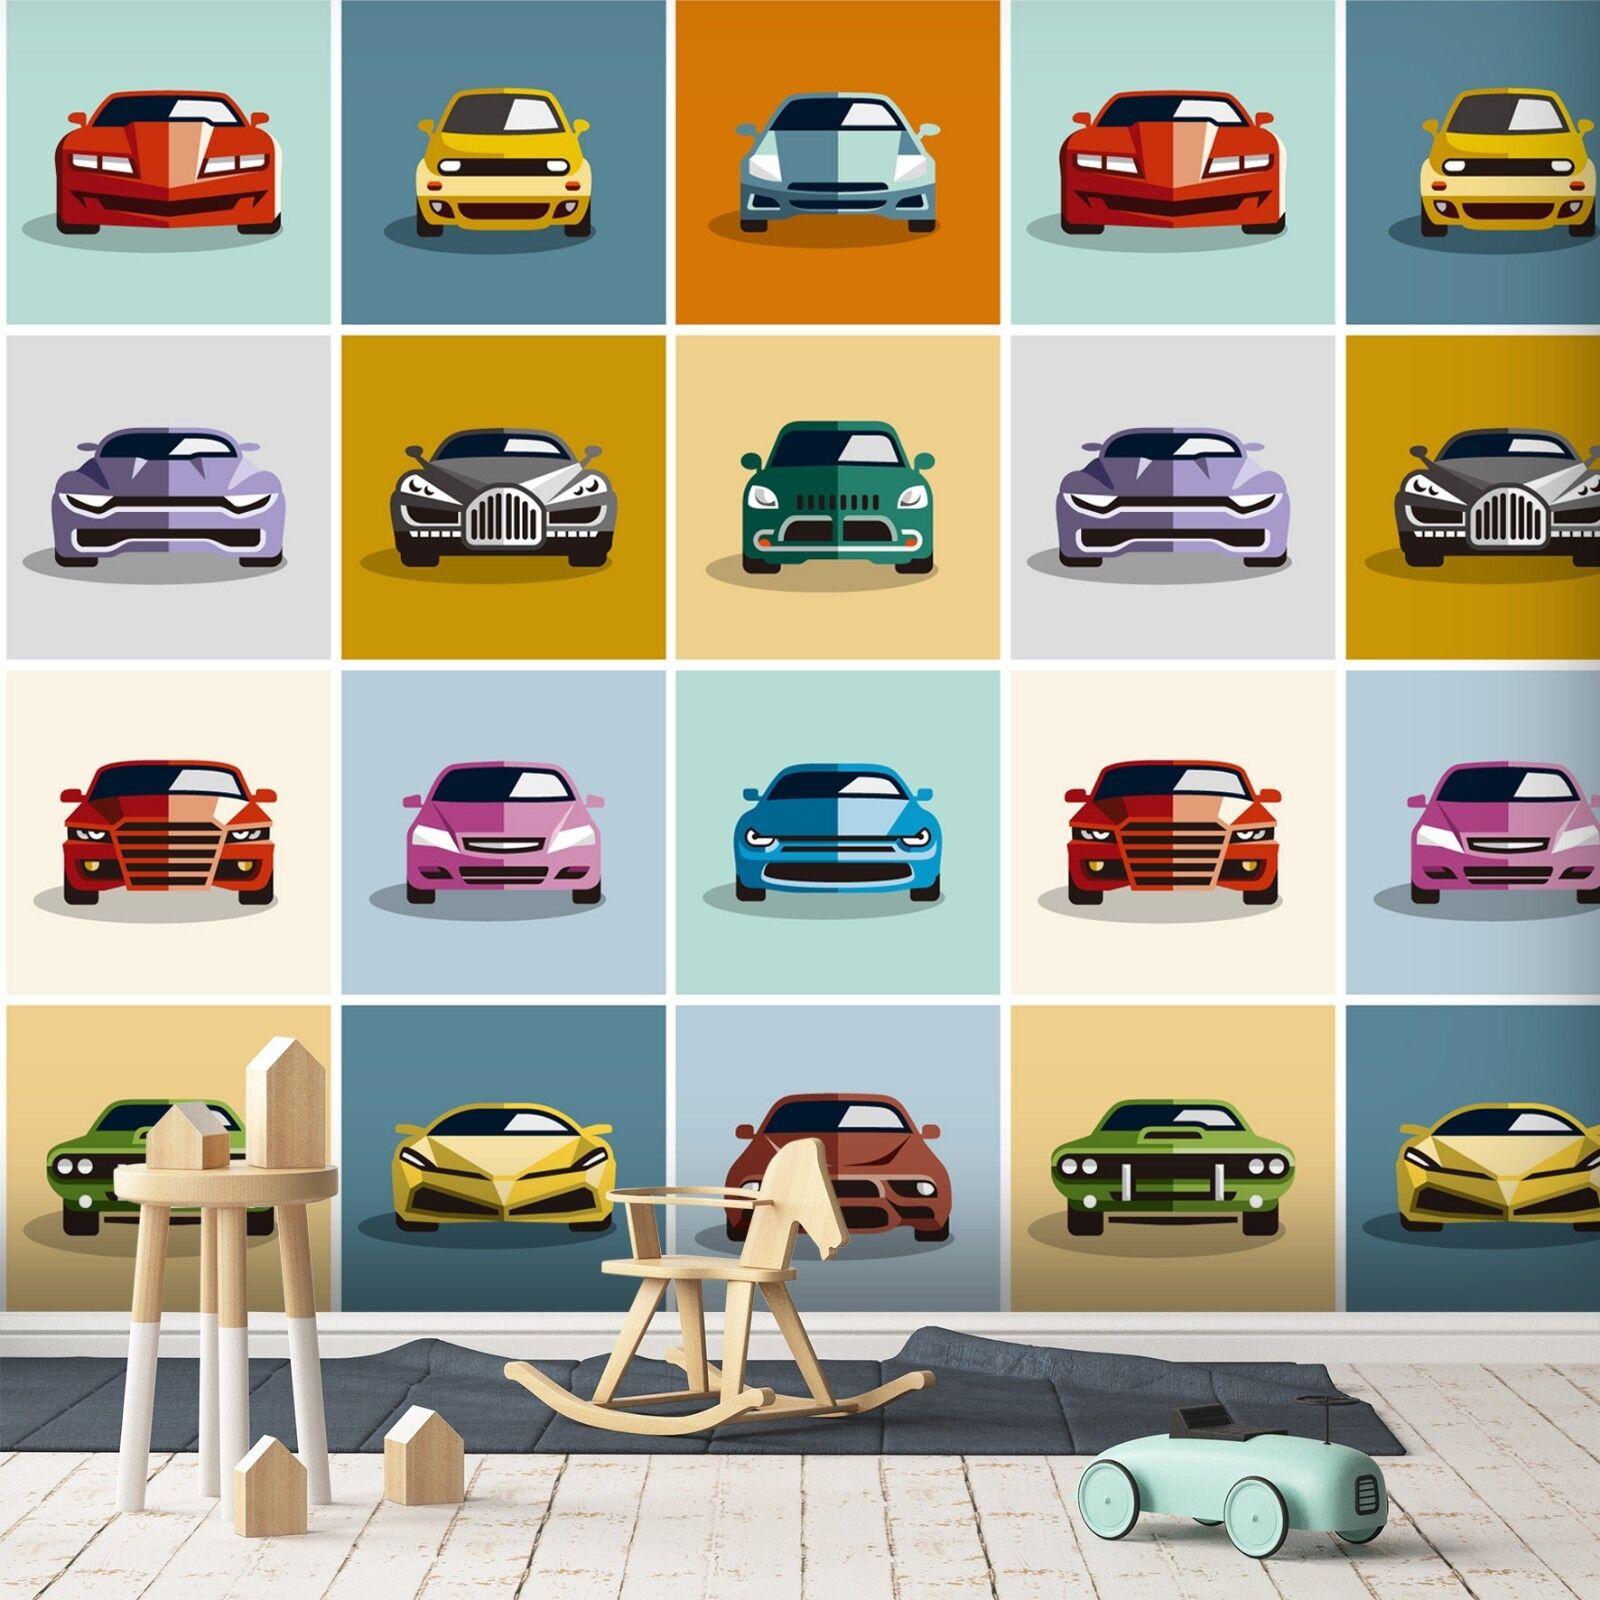 3D Fahrzeug Gefärbt Gefärbt Gefärbt 7 Tapete Wandgemälde Tapete Tapeten Bild Familie DE Sidney | Ausgezeichnetes Preis  | Schönes Design  |  5dcc81